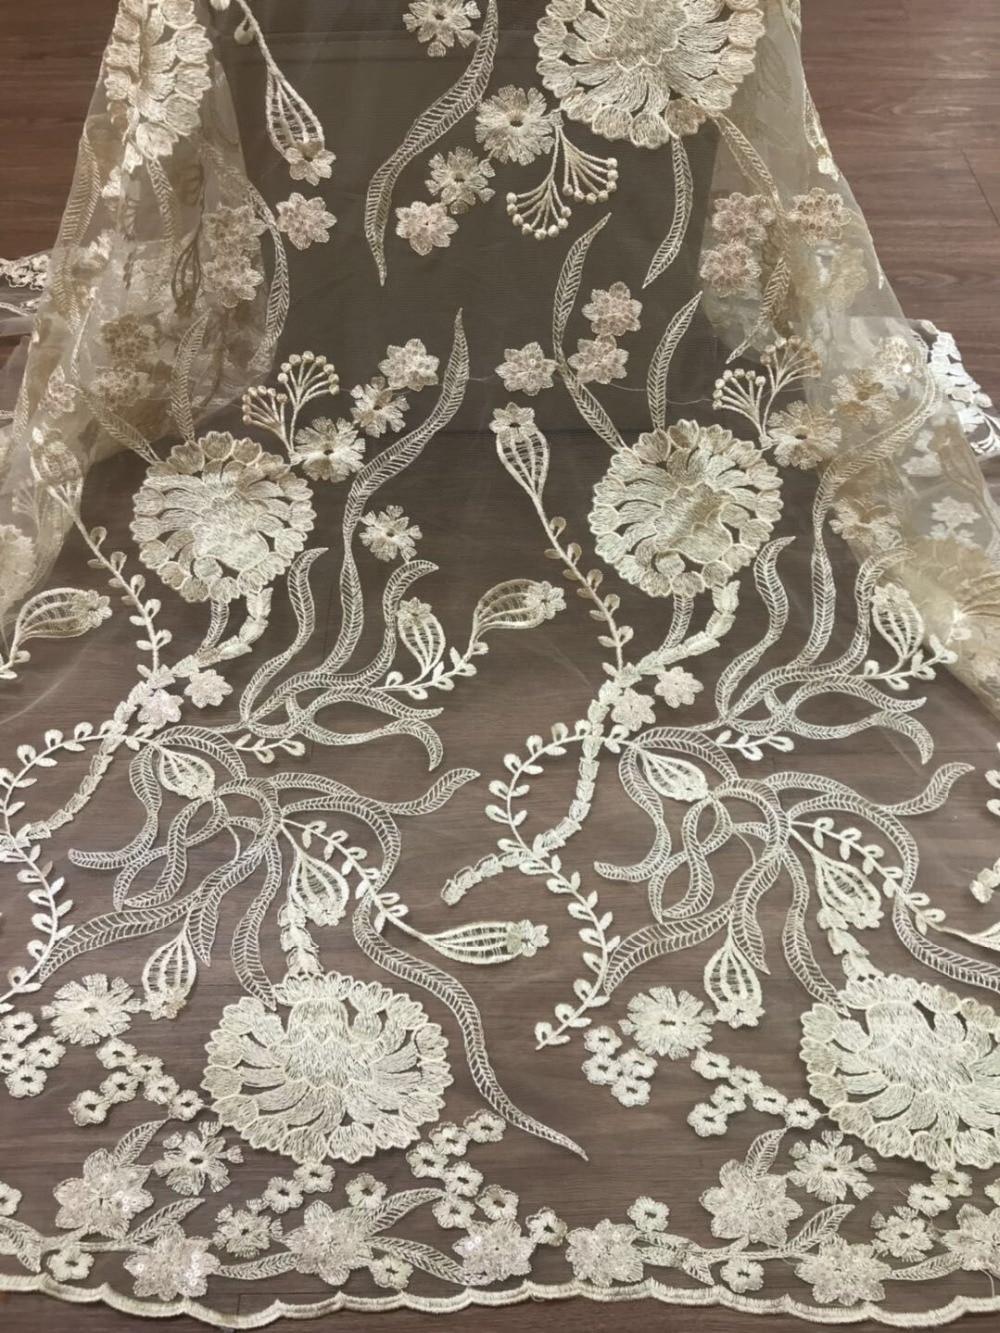 2018 Latest French Nigerian Lace Fabric Fine Yarn Fabric, African Wedding French Yarn Lace